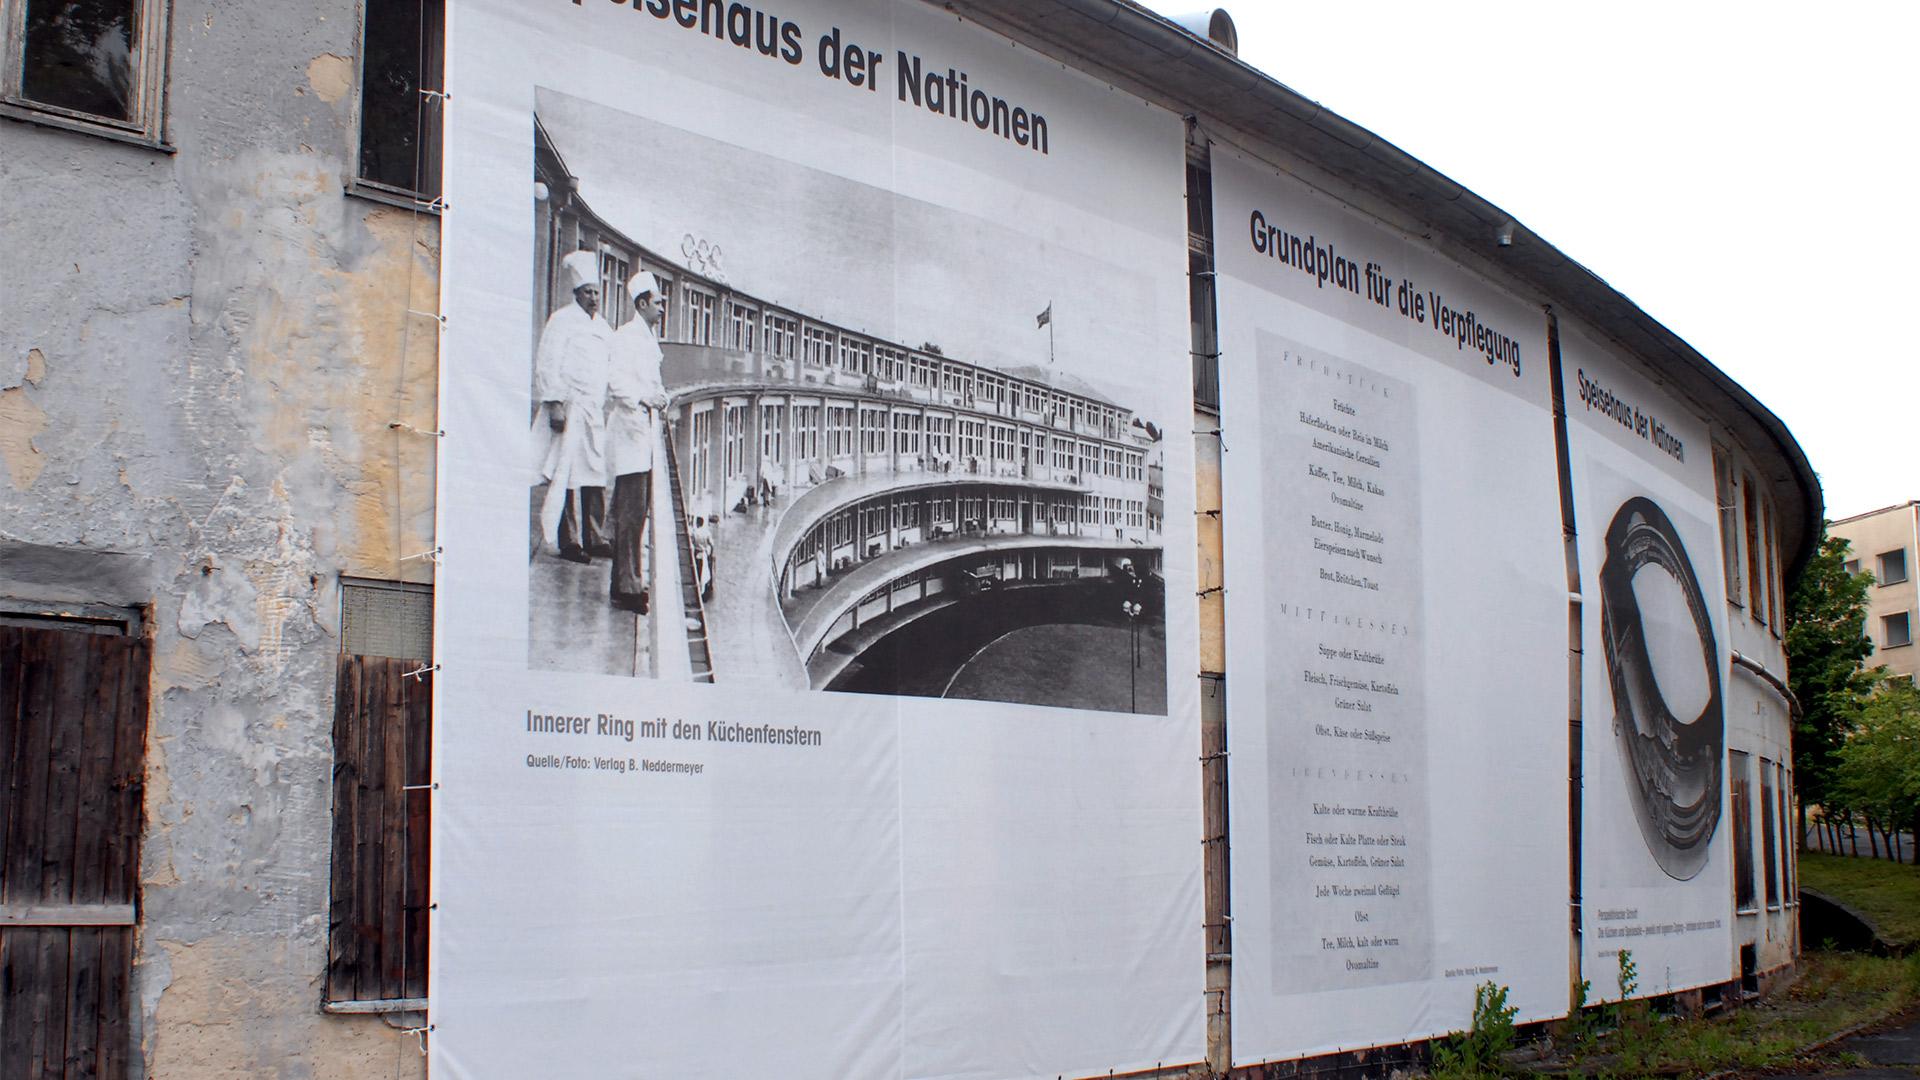 Olympia-Dorf-1936-Banner-Matti-Michalke-Berlin-Brandenburg-Aussenwerbung-Innenwerbung-Banner-Planen-Folien-Werbemittel-Druck-Print